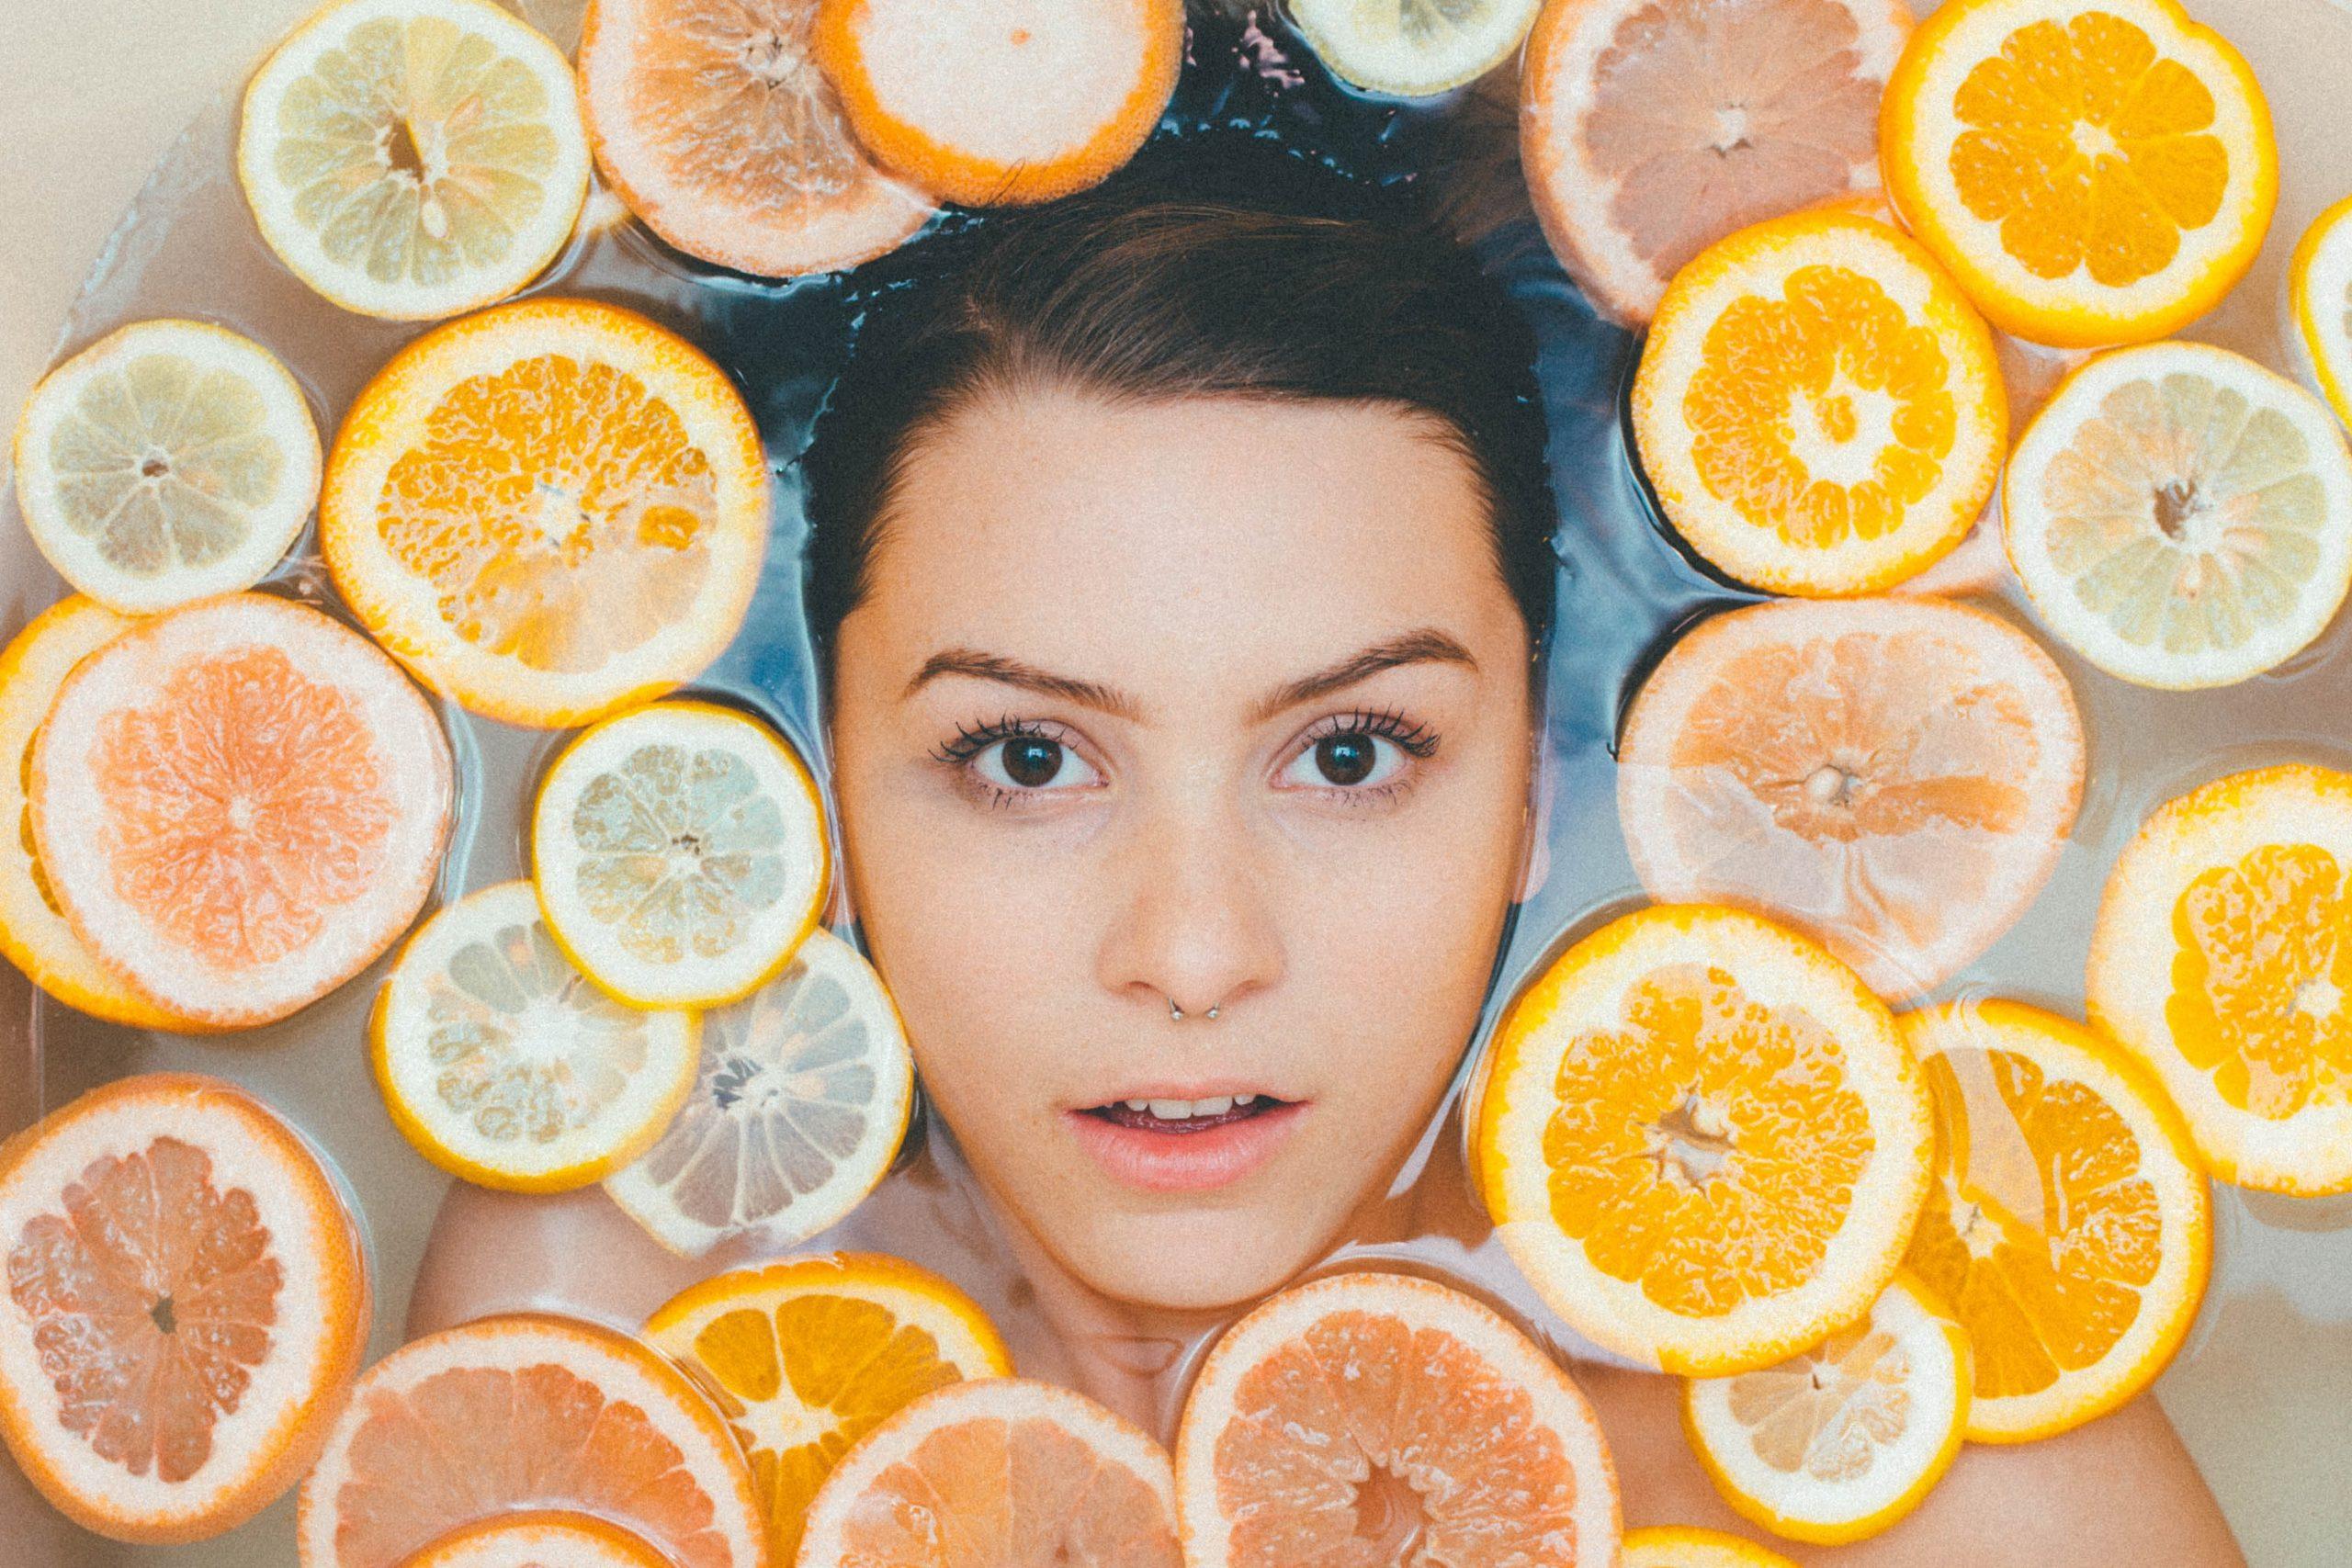 Imagem de uma mulher em uma banheira com rodelas de laranja.